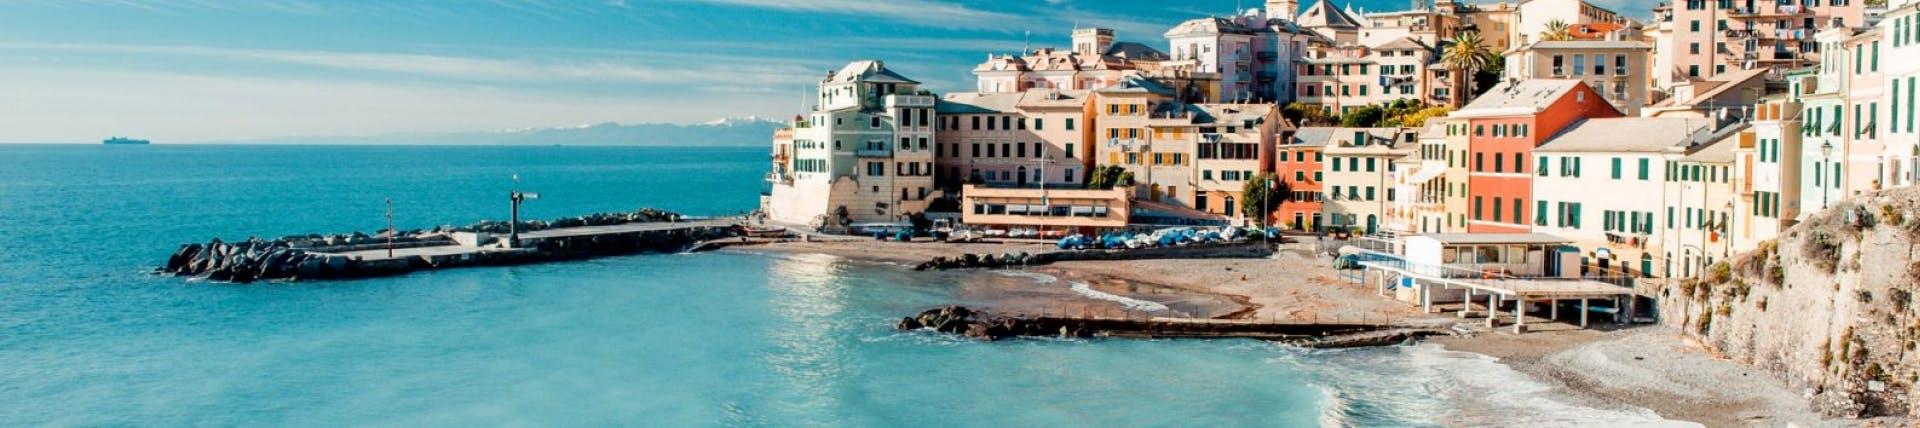 Picture of Genova